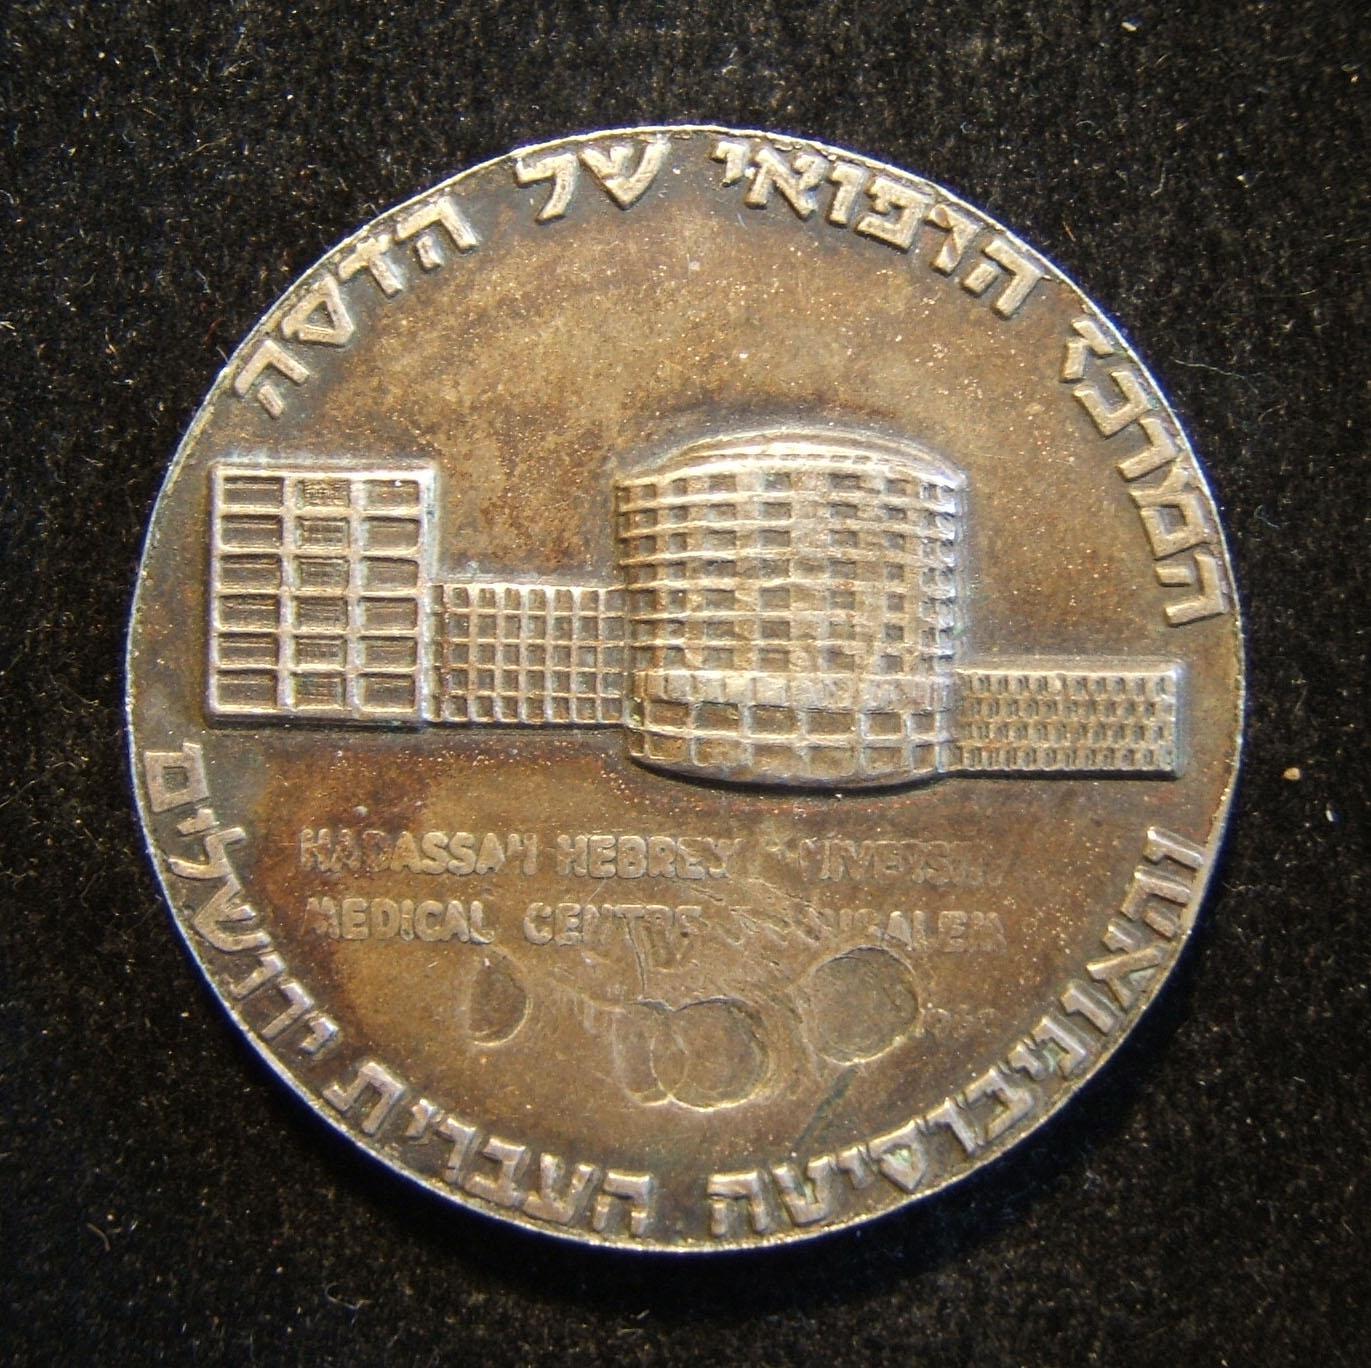 Israel: Hadassah Hebräische Universität Gesundheitszentrum, Kleinstaat Medaille aus Silber, 1960-61 - spektakulärer Fehler (Testversion?): 35-mm-Standard-Herstellung aus Silber m.